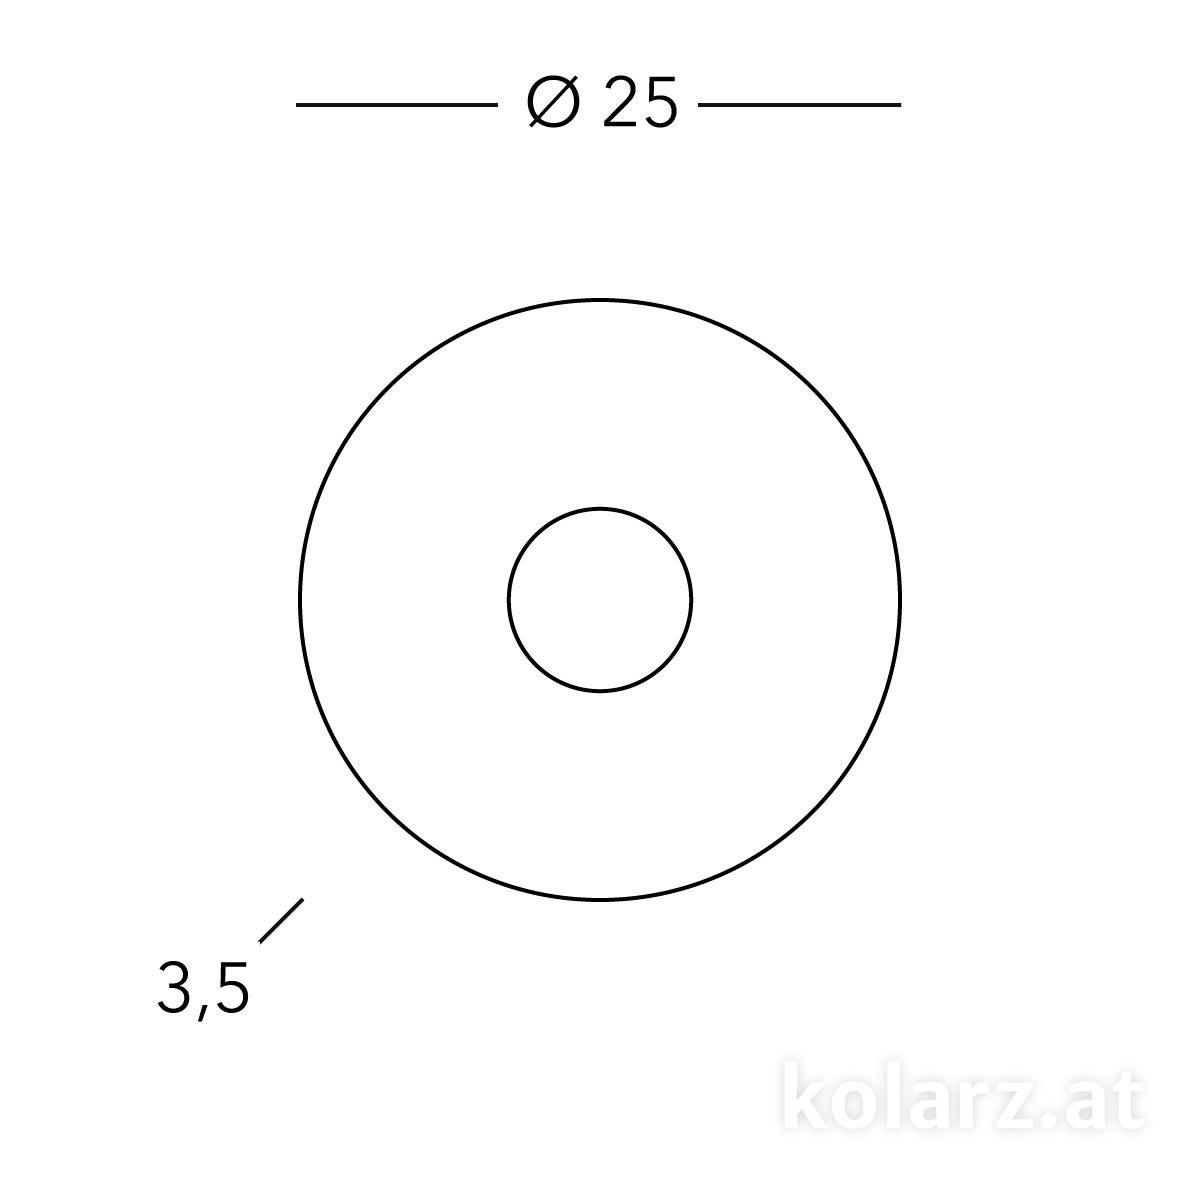 A1336-11-1-VinCu-s1.jpg